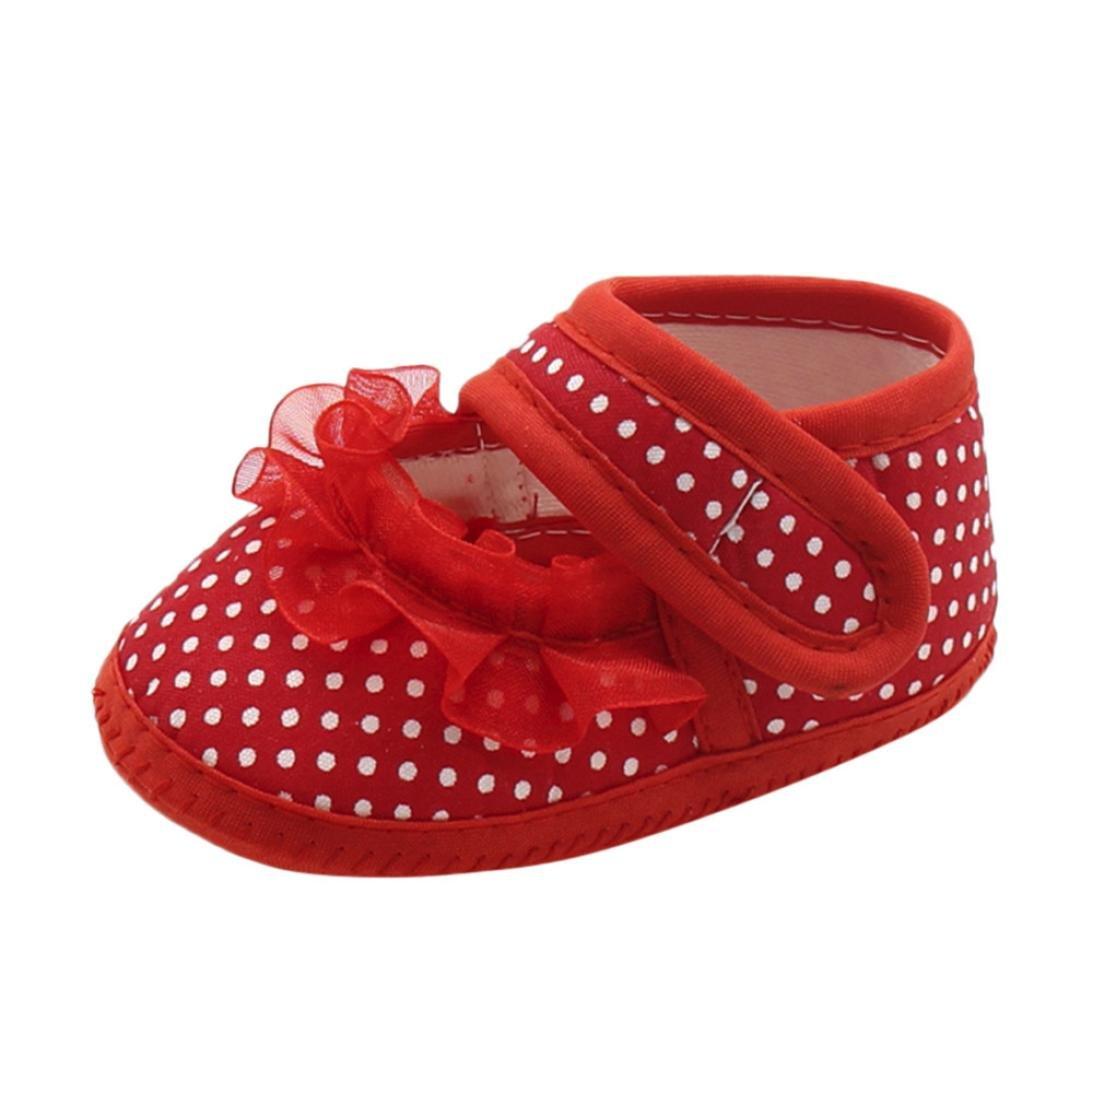 激安通販新作 Botrong_Baby Girl Girl Shoes レッド PANTS ベビーガールズ 6~9 Months Months レッド B07D11F7N3, 長崎県:9b1d2b4c --- a0267596.xsph.ru